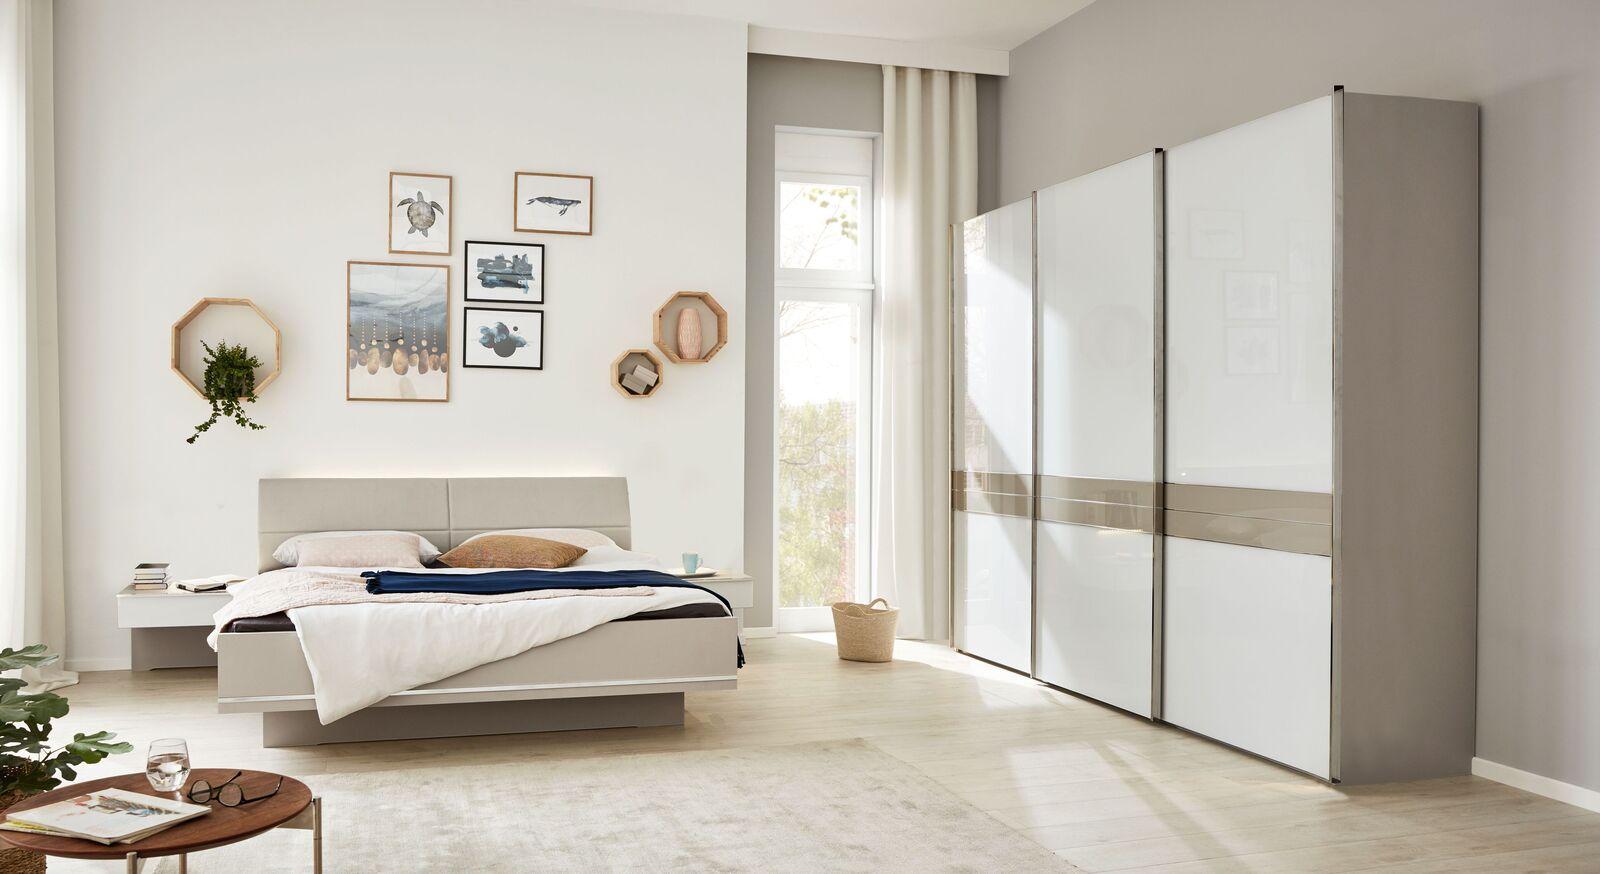 INTERLIVING Schlafzimmer 1009 mit Schwebetürenschrank in modernem Design